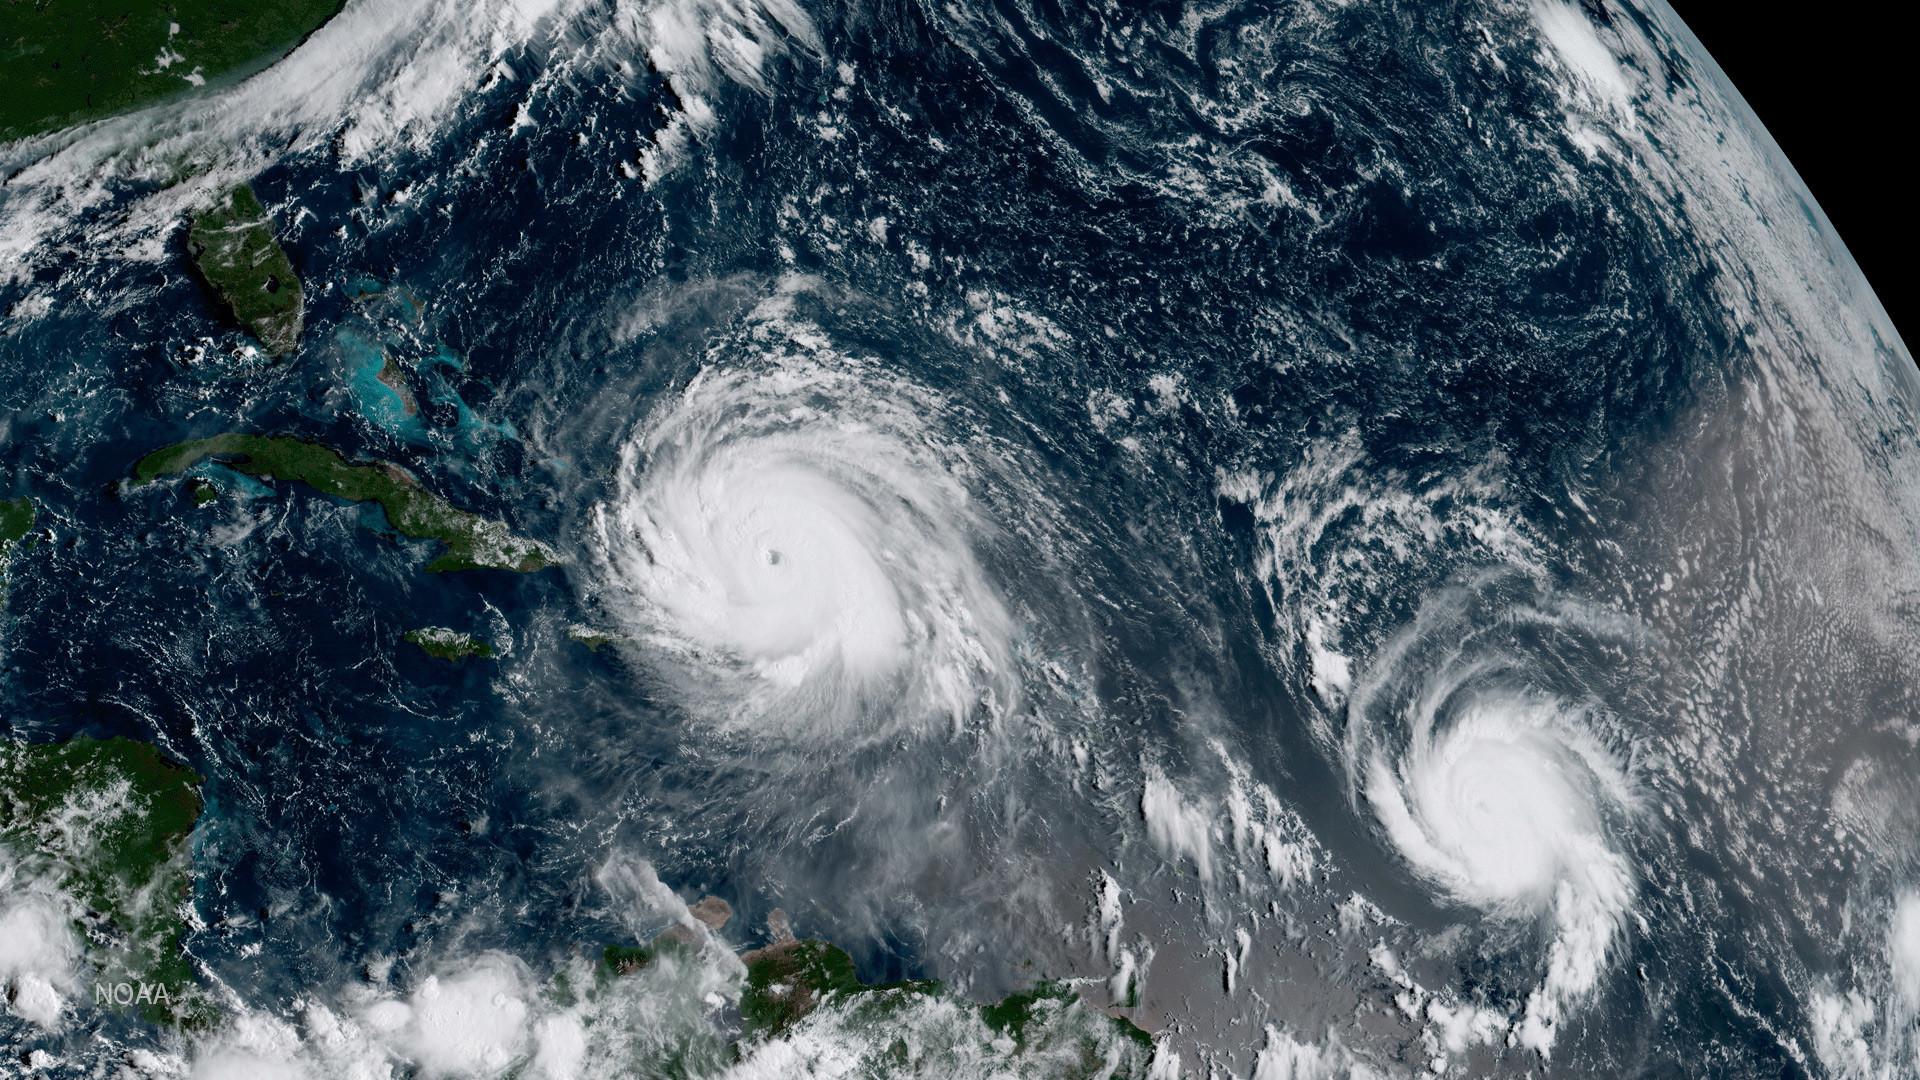 El huracán Irma (a la izda) y el huracán José en el océano Atlántico, 7 de septiembre de 2017